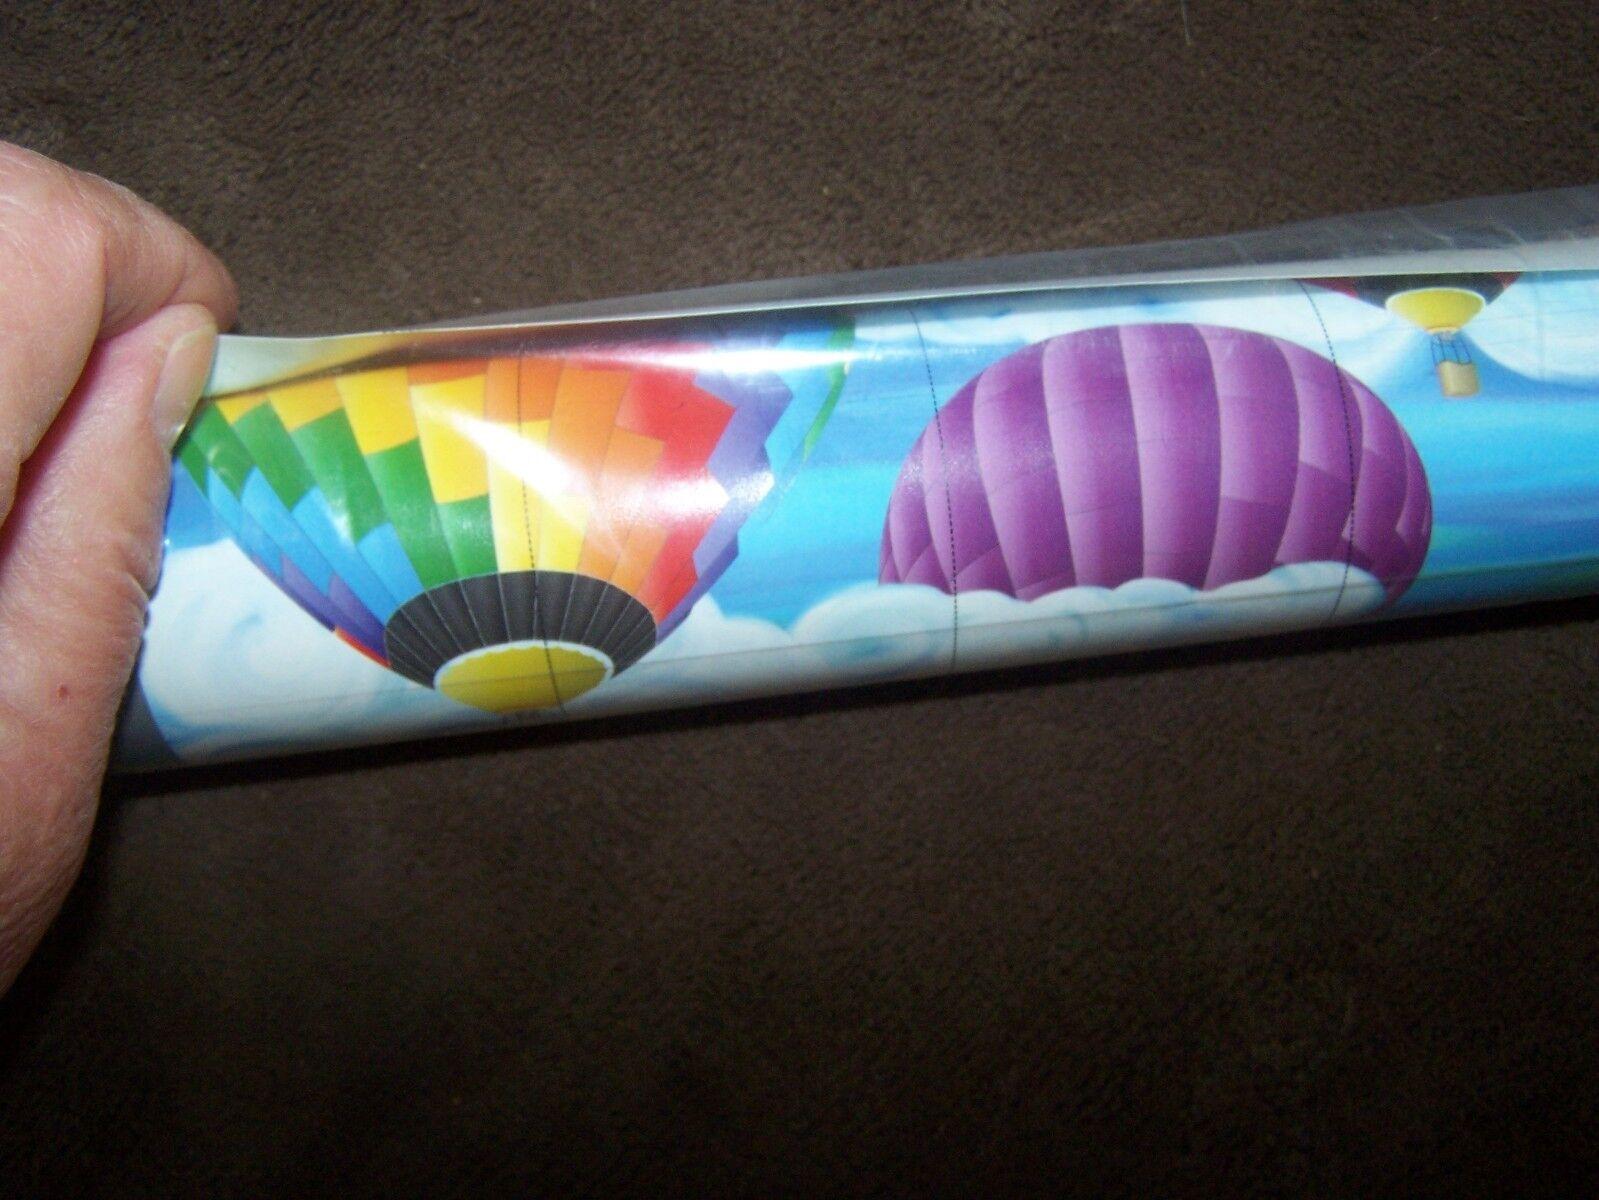 NIP Hot Air Balloons Mural 4.5 ft x 6 ft UMB91005